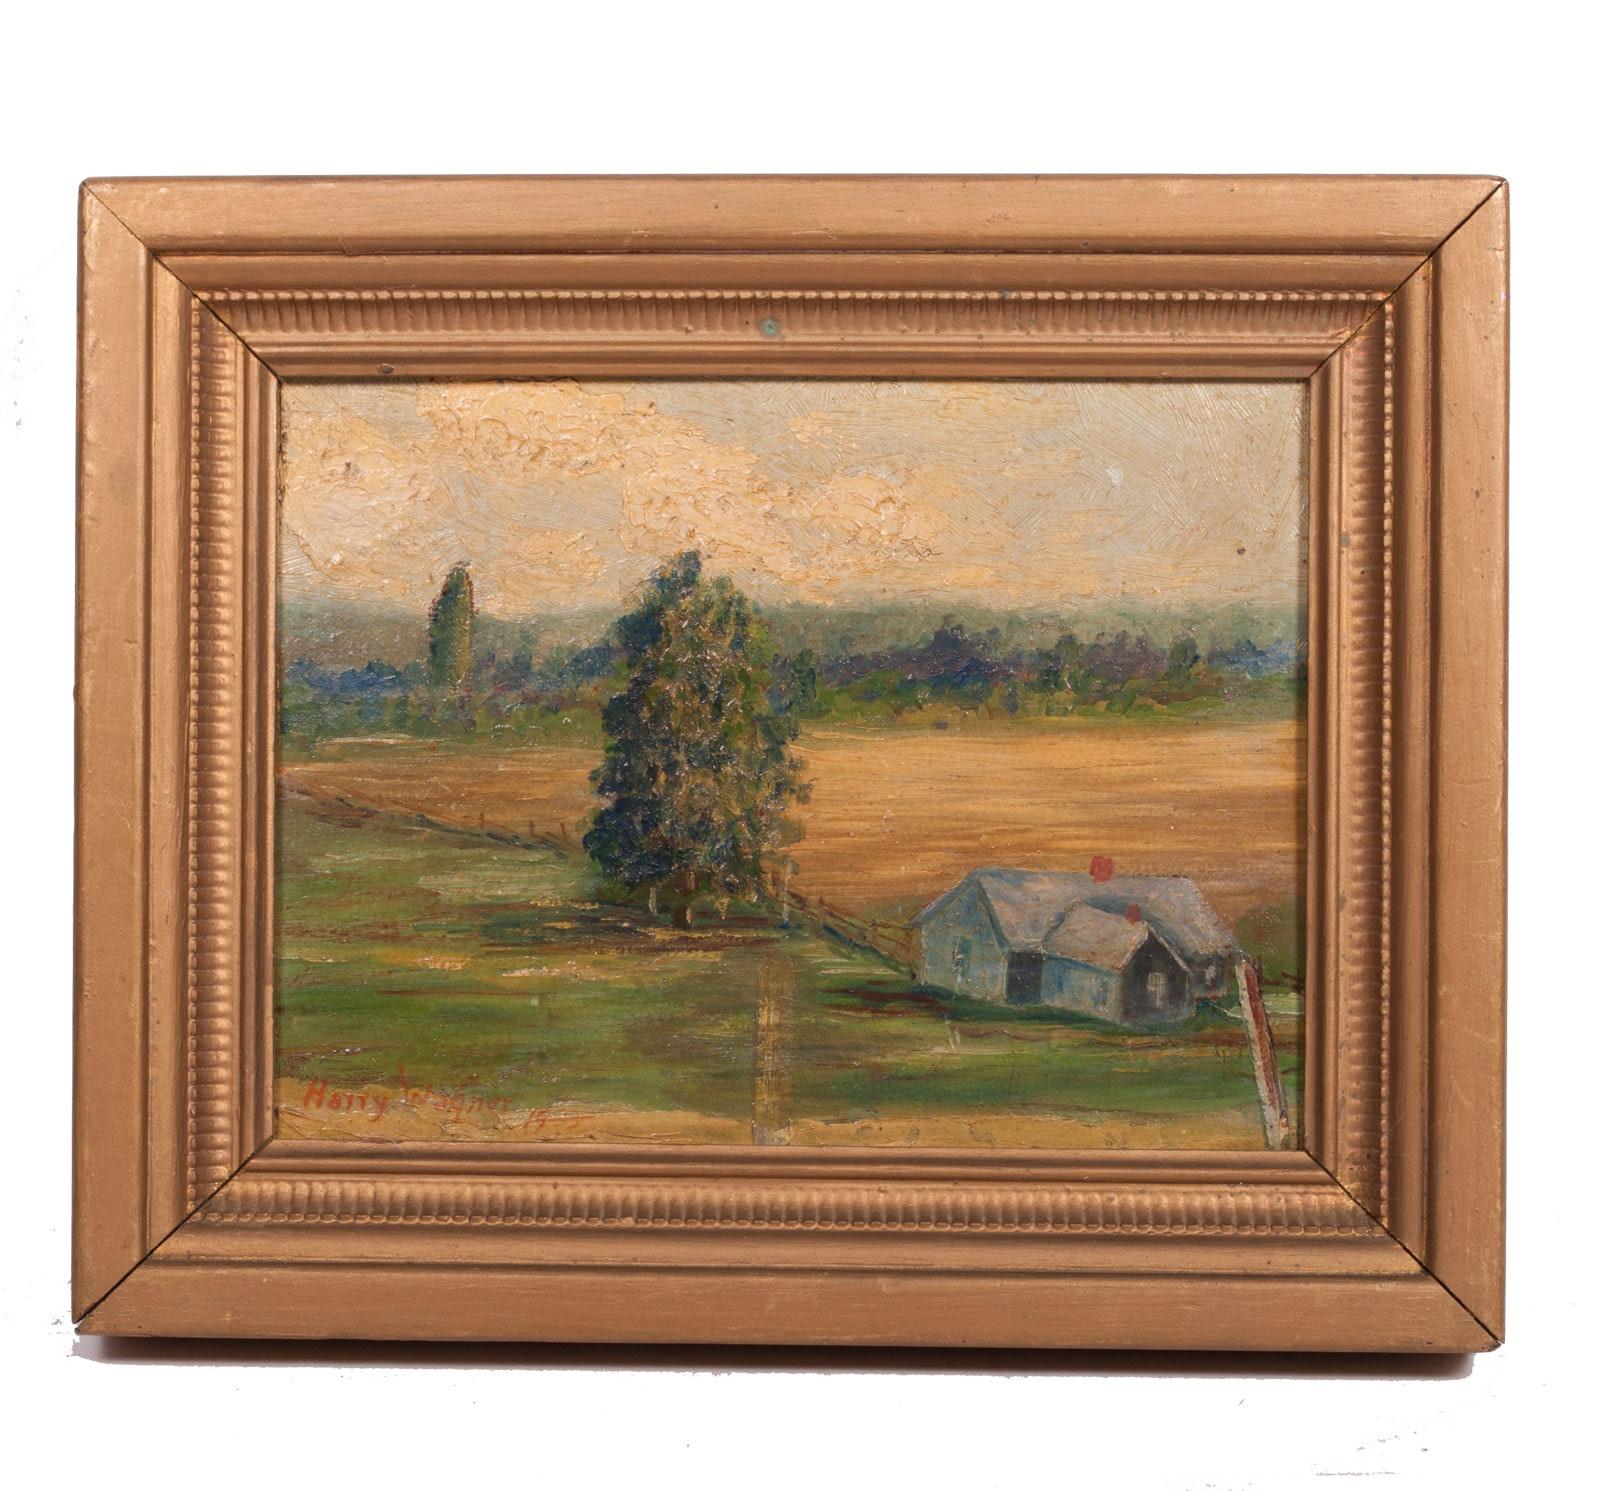 Vintage Harry Wagner Original Oil Painting on Panel of Landscape